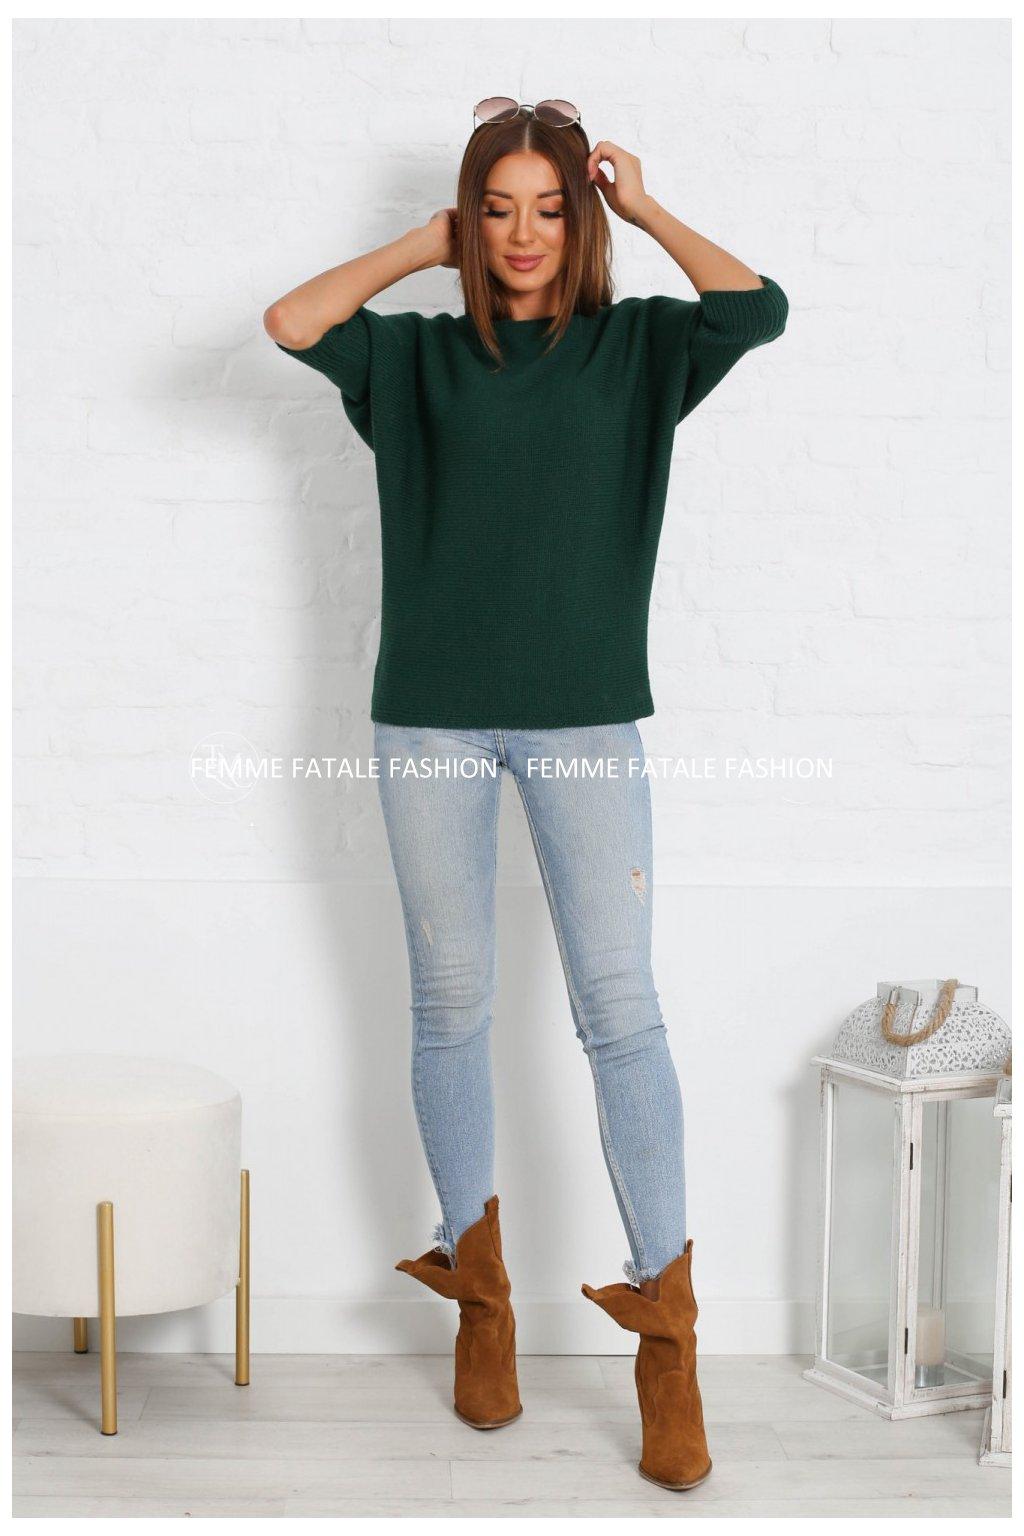 Dámský svetr IRIS femmefatalefashion (9)